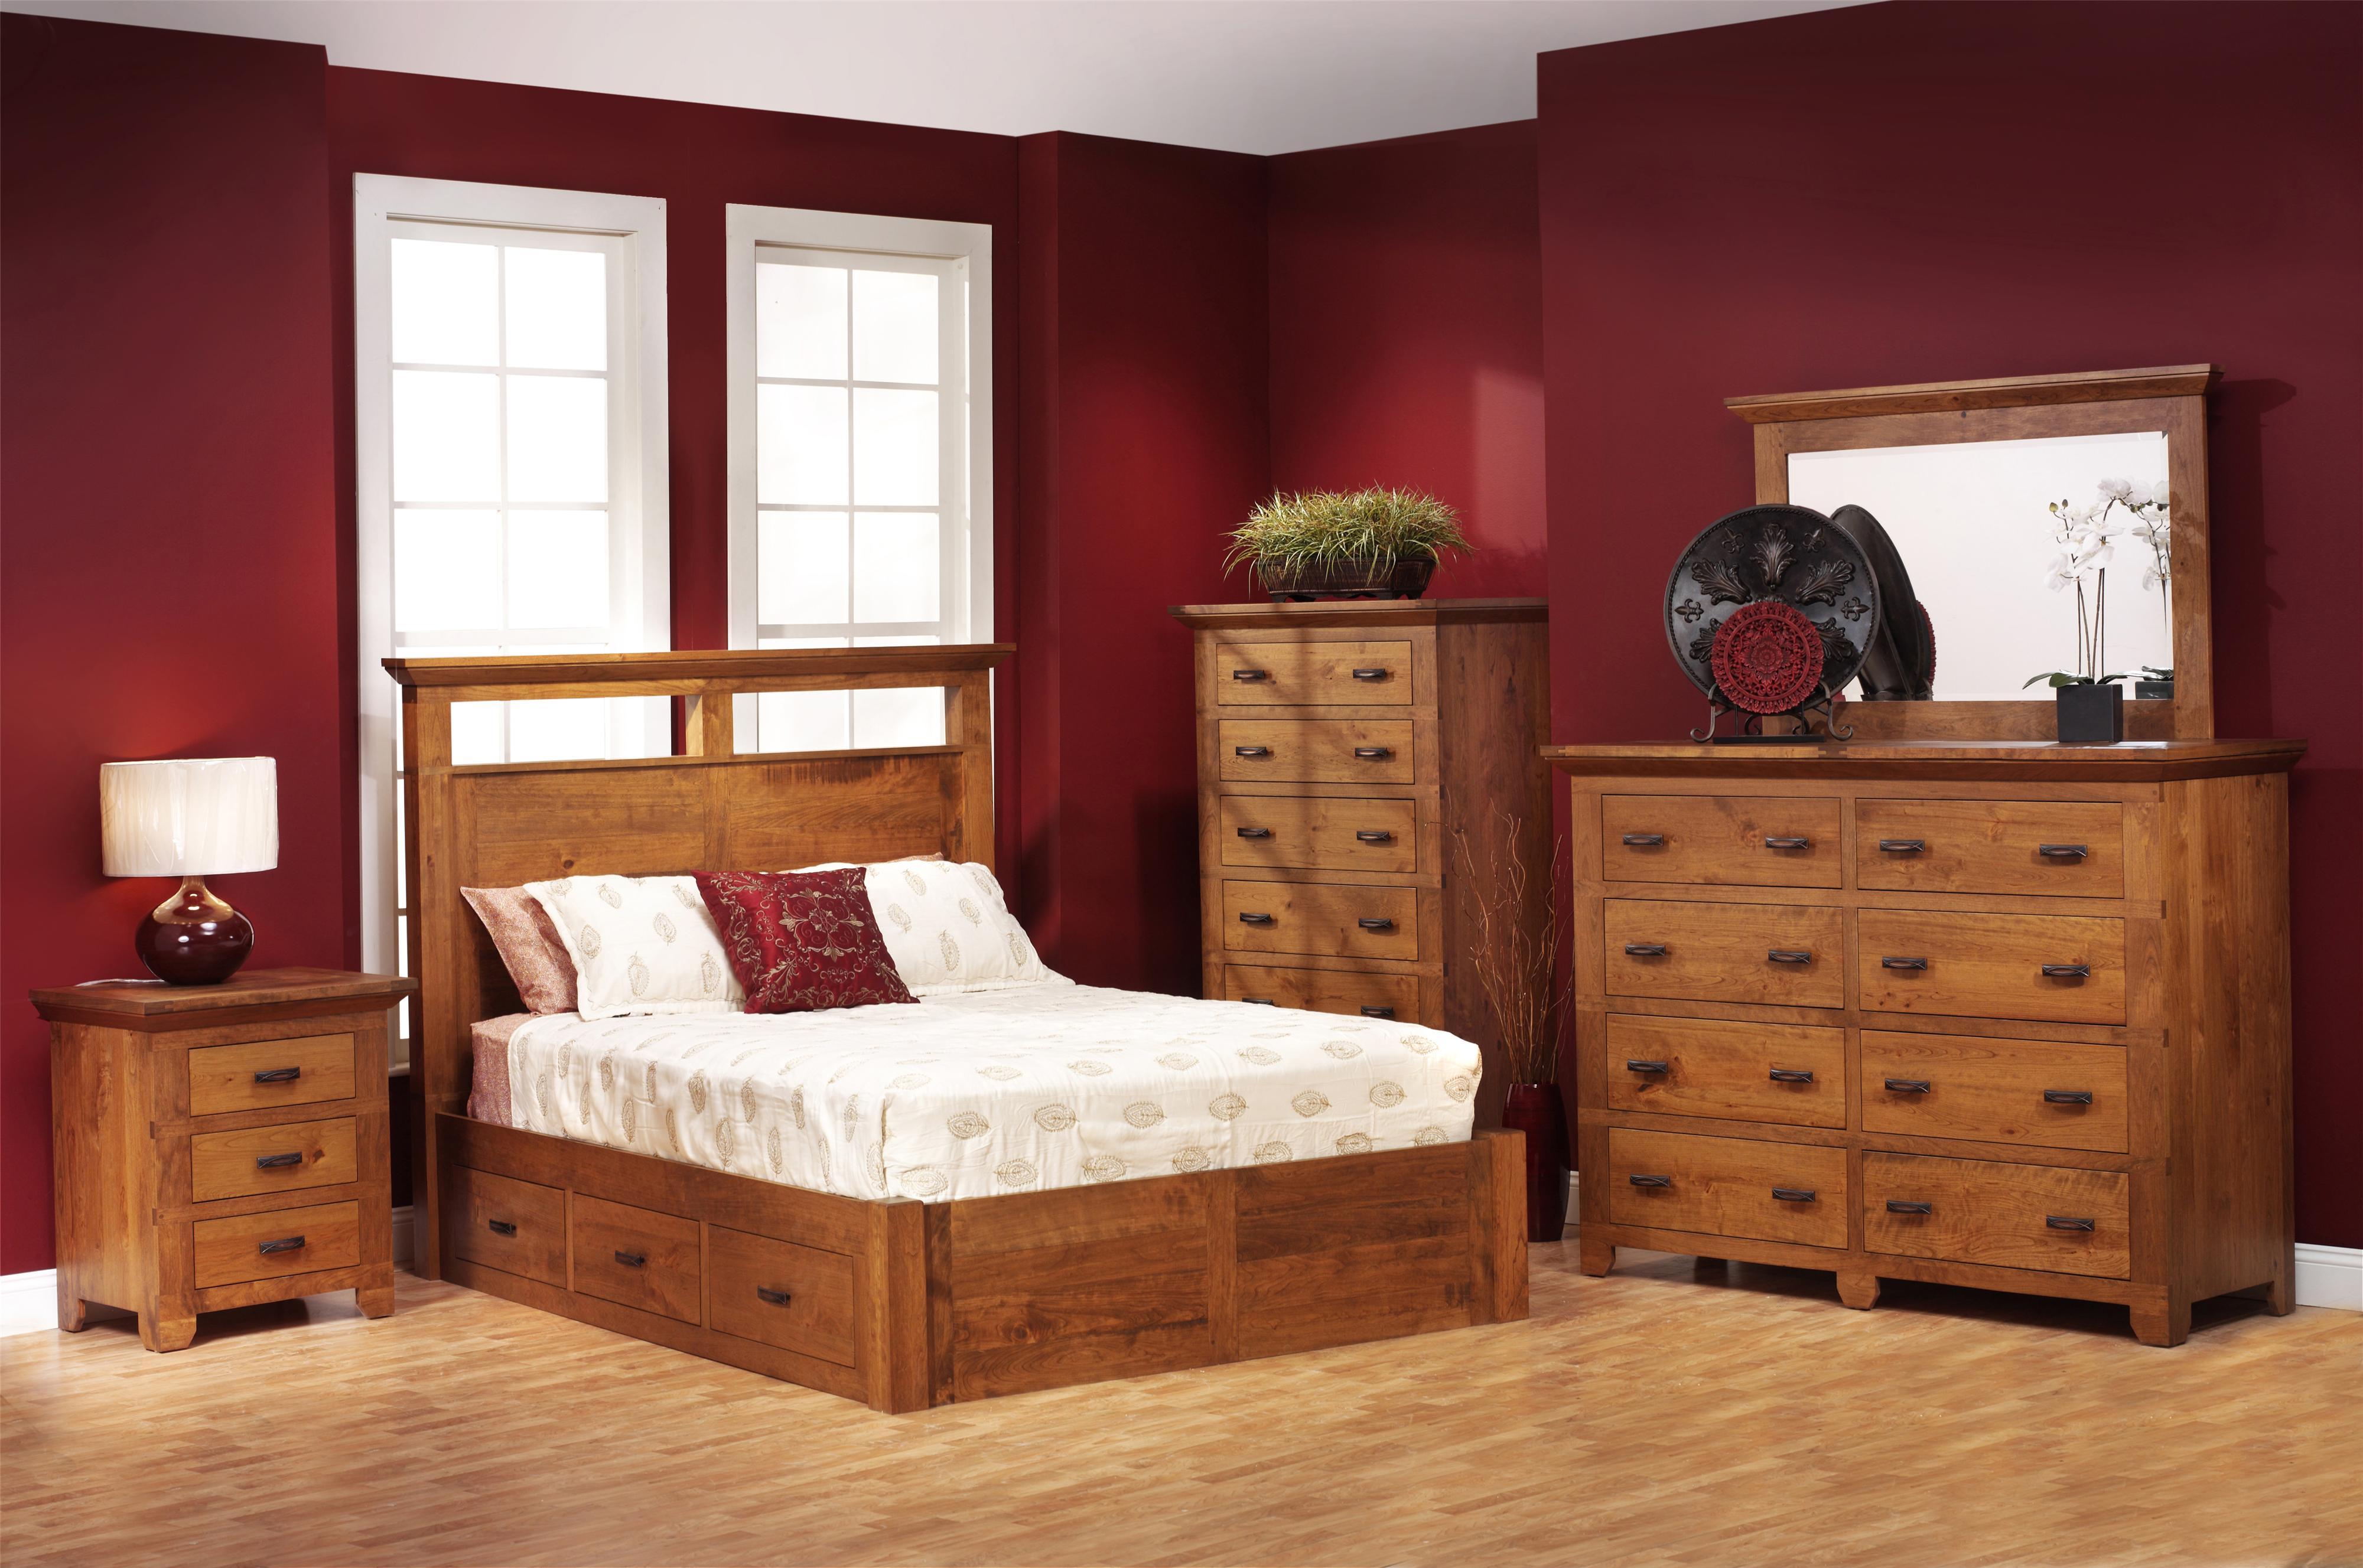 Redmond Wellington Queen Bedroom Group at Williams & Kay